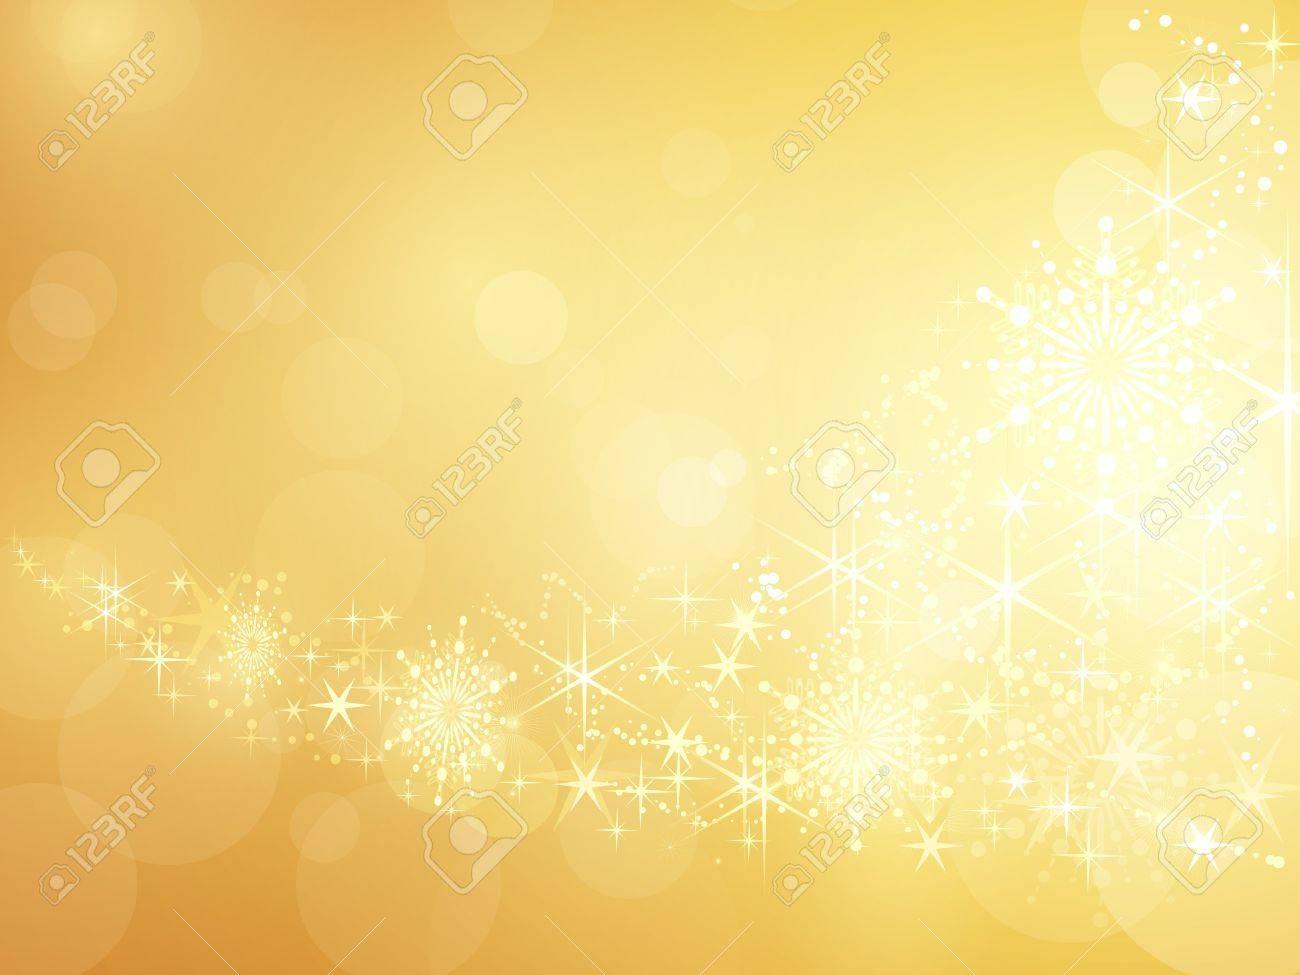 Fond Doré festive fond doré avec des étoiles brillantes, les flocons de neige